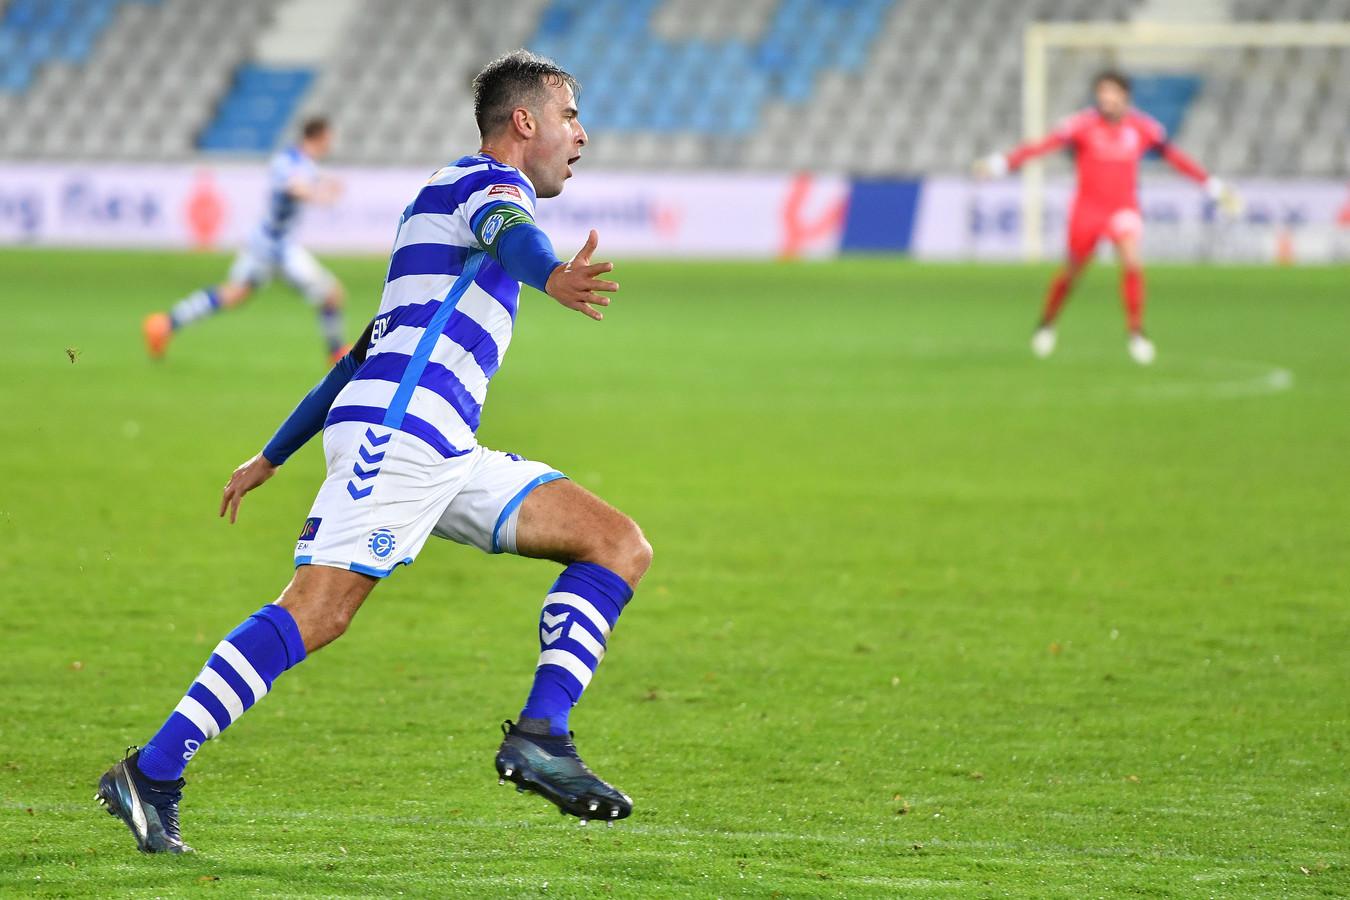 Een juichende Ralf Seuntjens: zijn laatste goal dateert van 15 januari, in het uitduel met Roda JC.